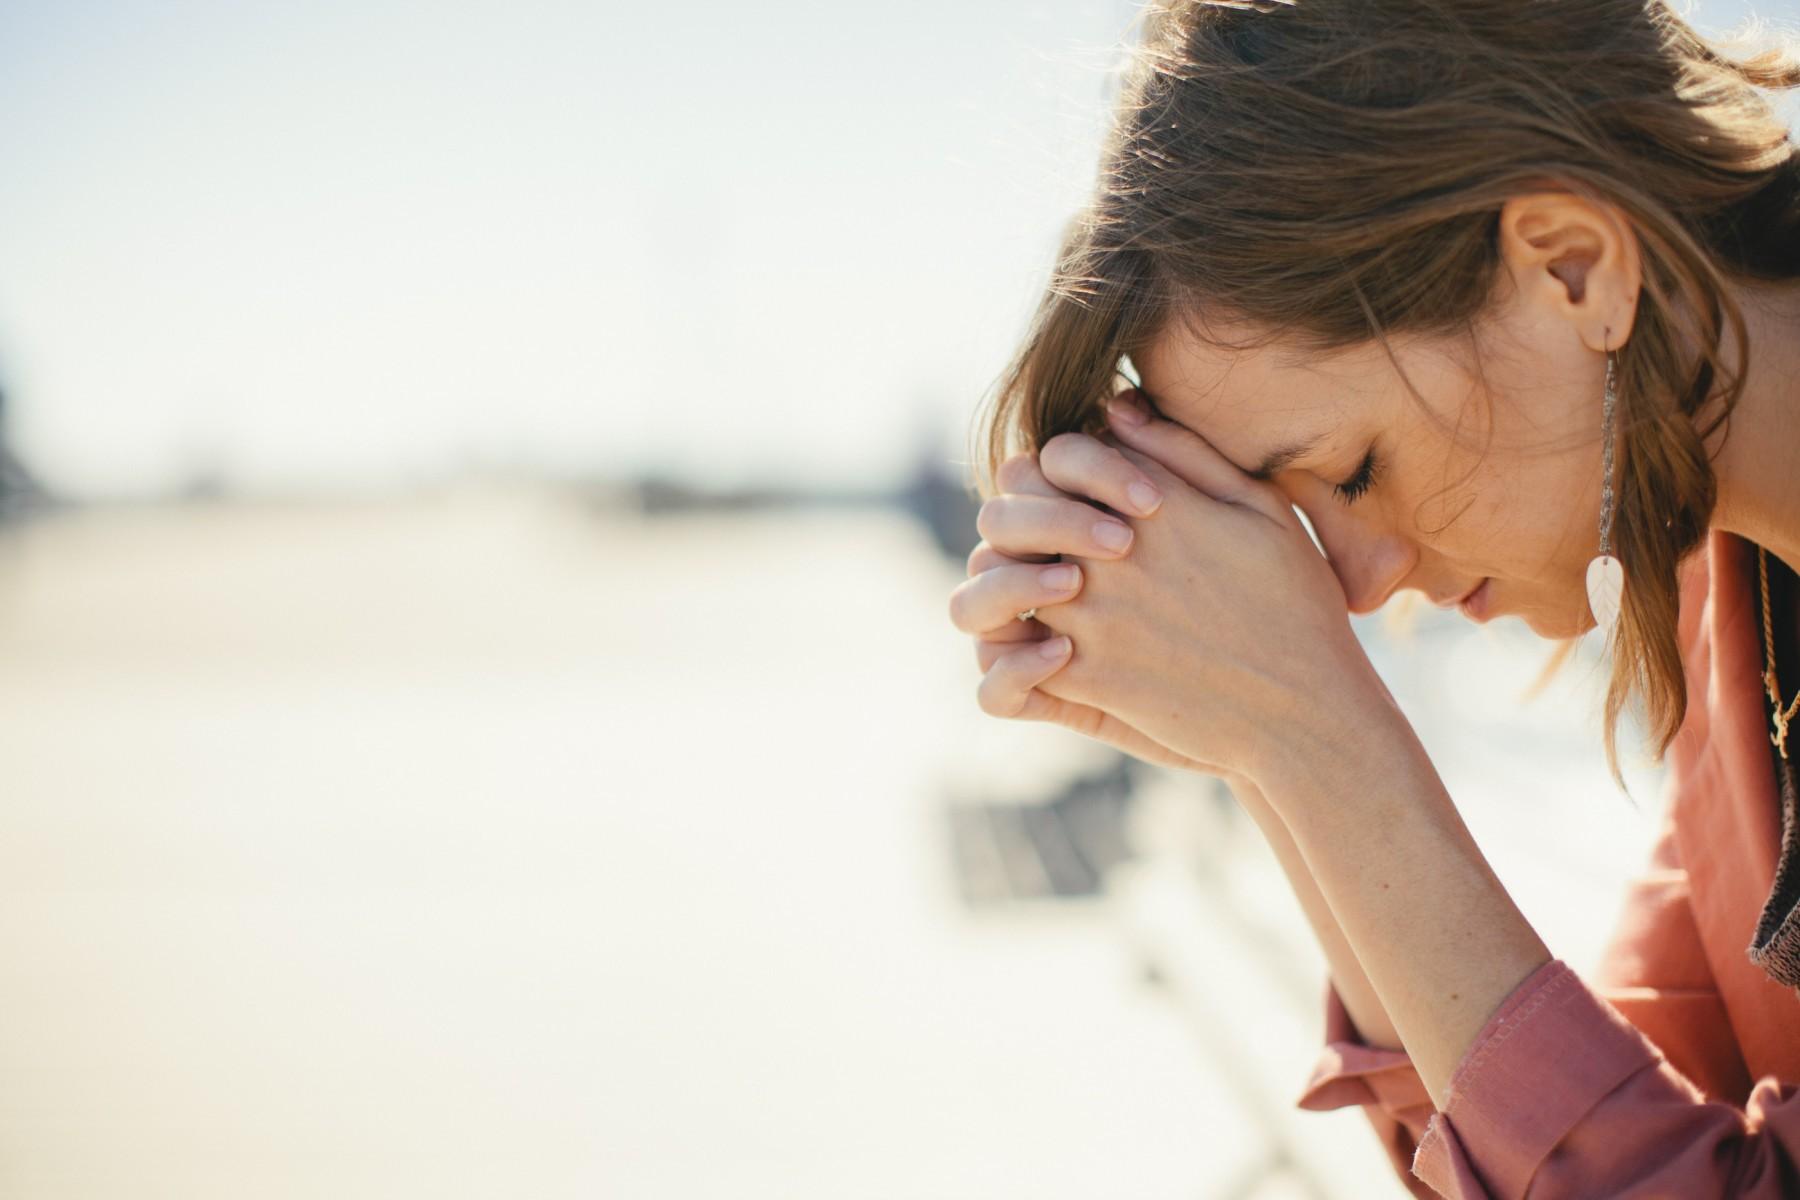 femeie disperare tristete depresie